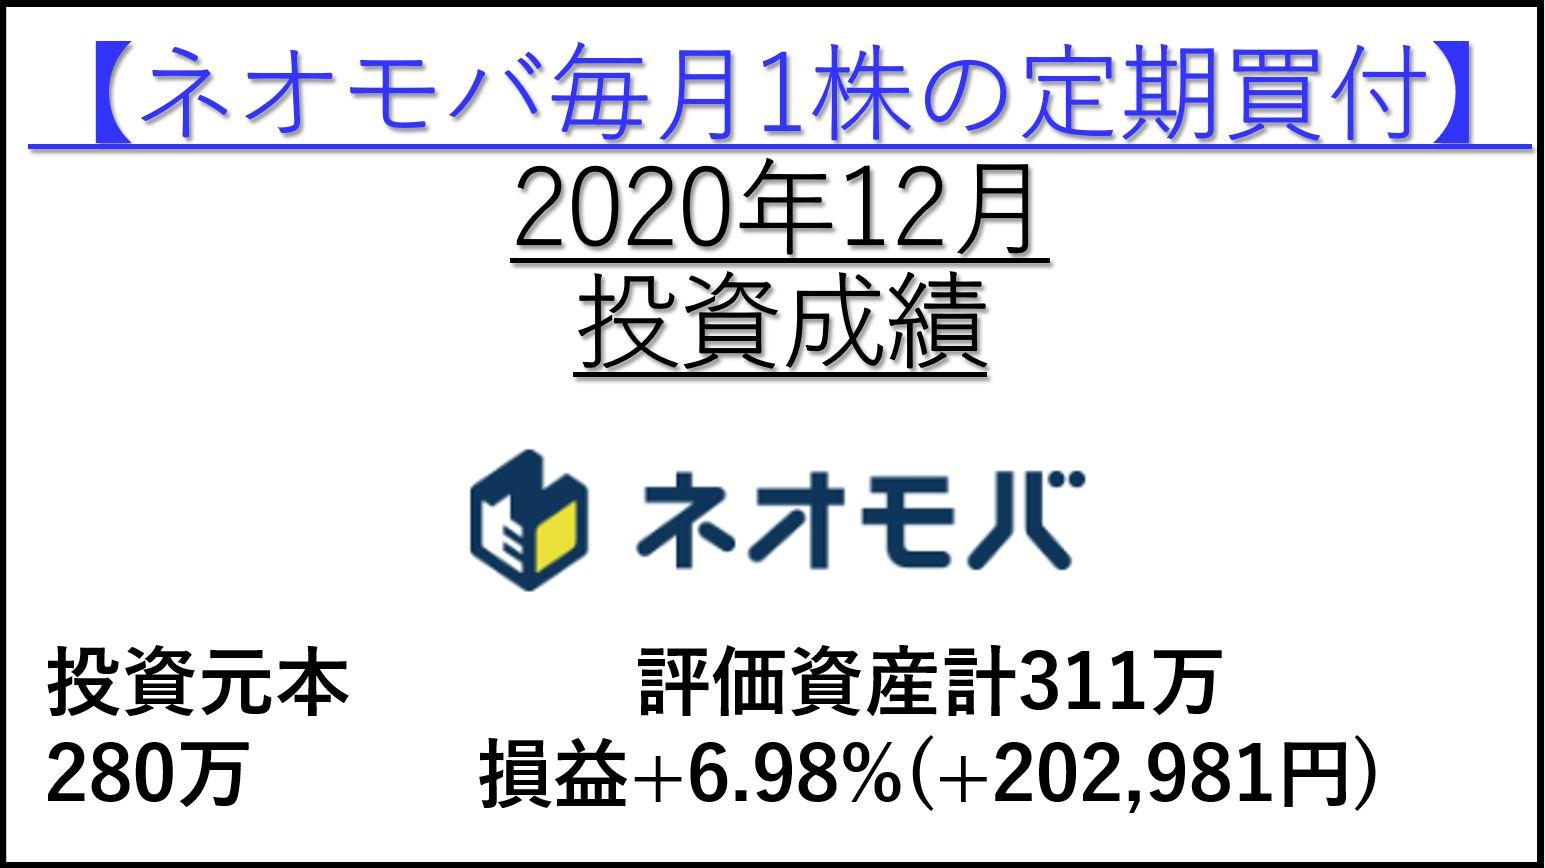 2020年12月投資成績